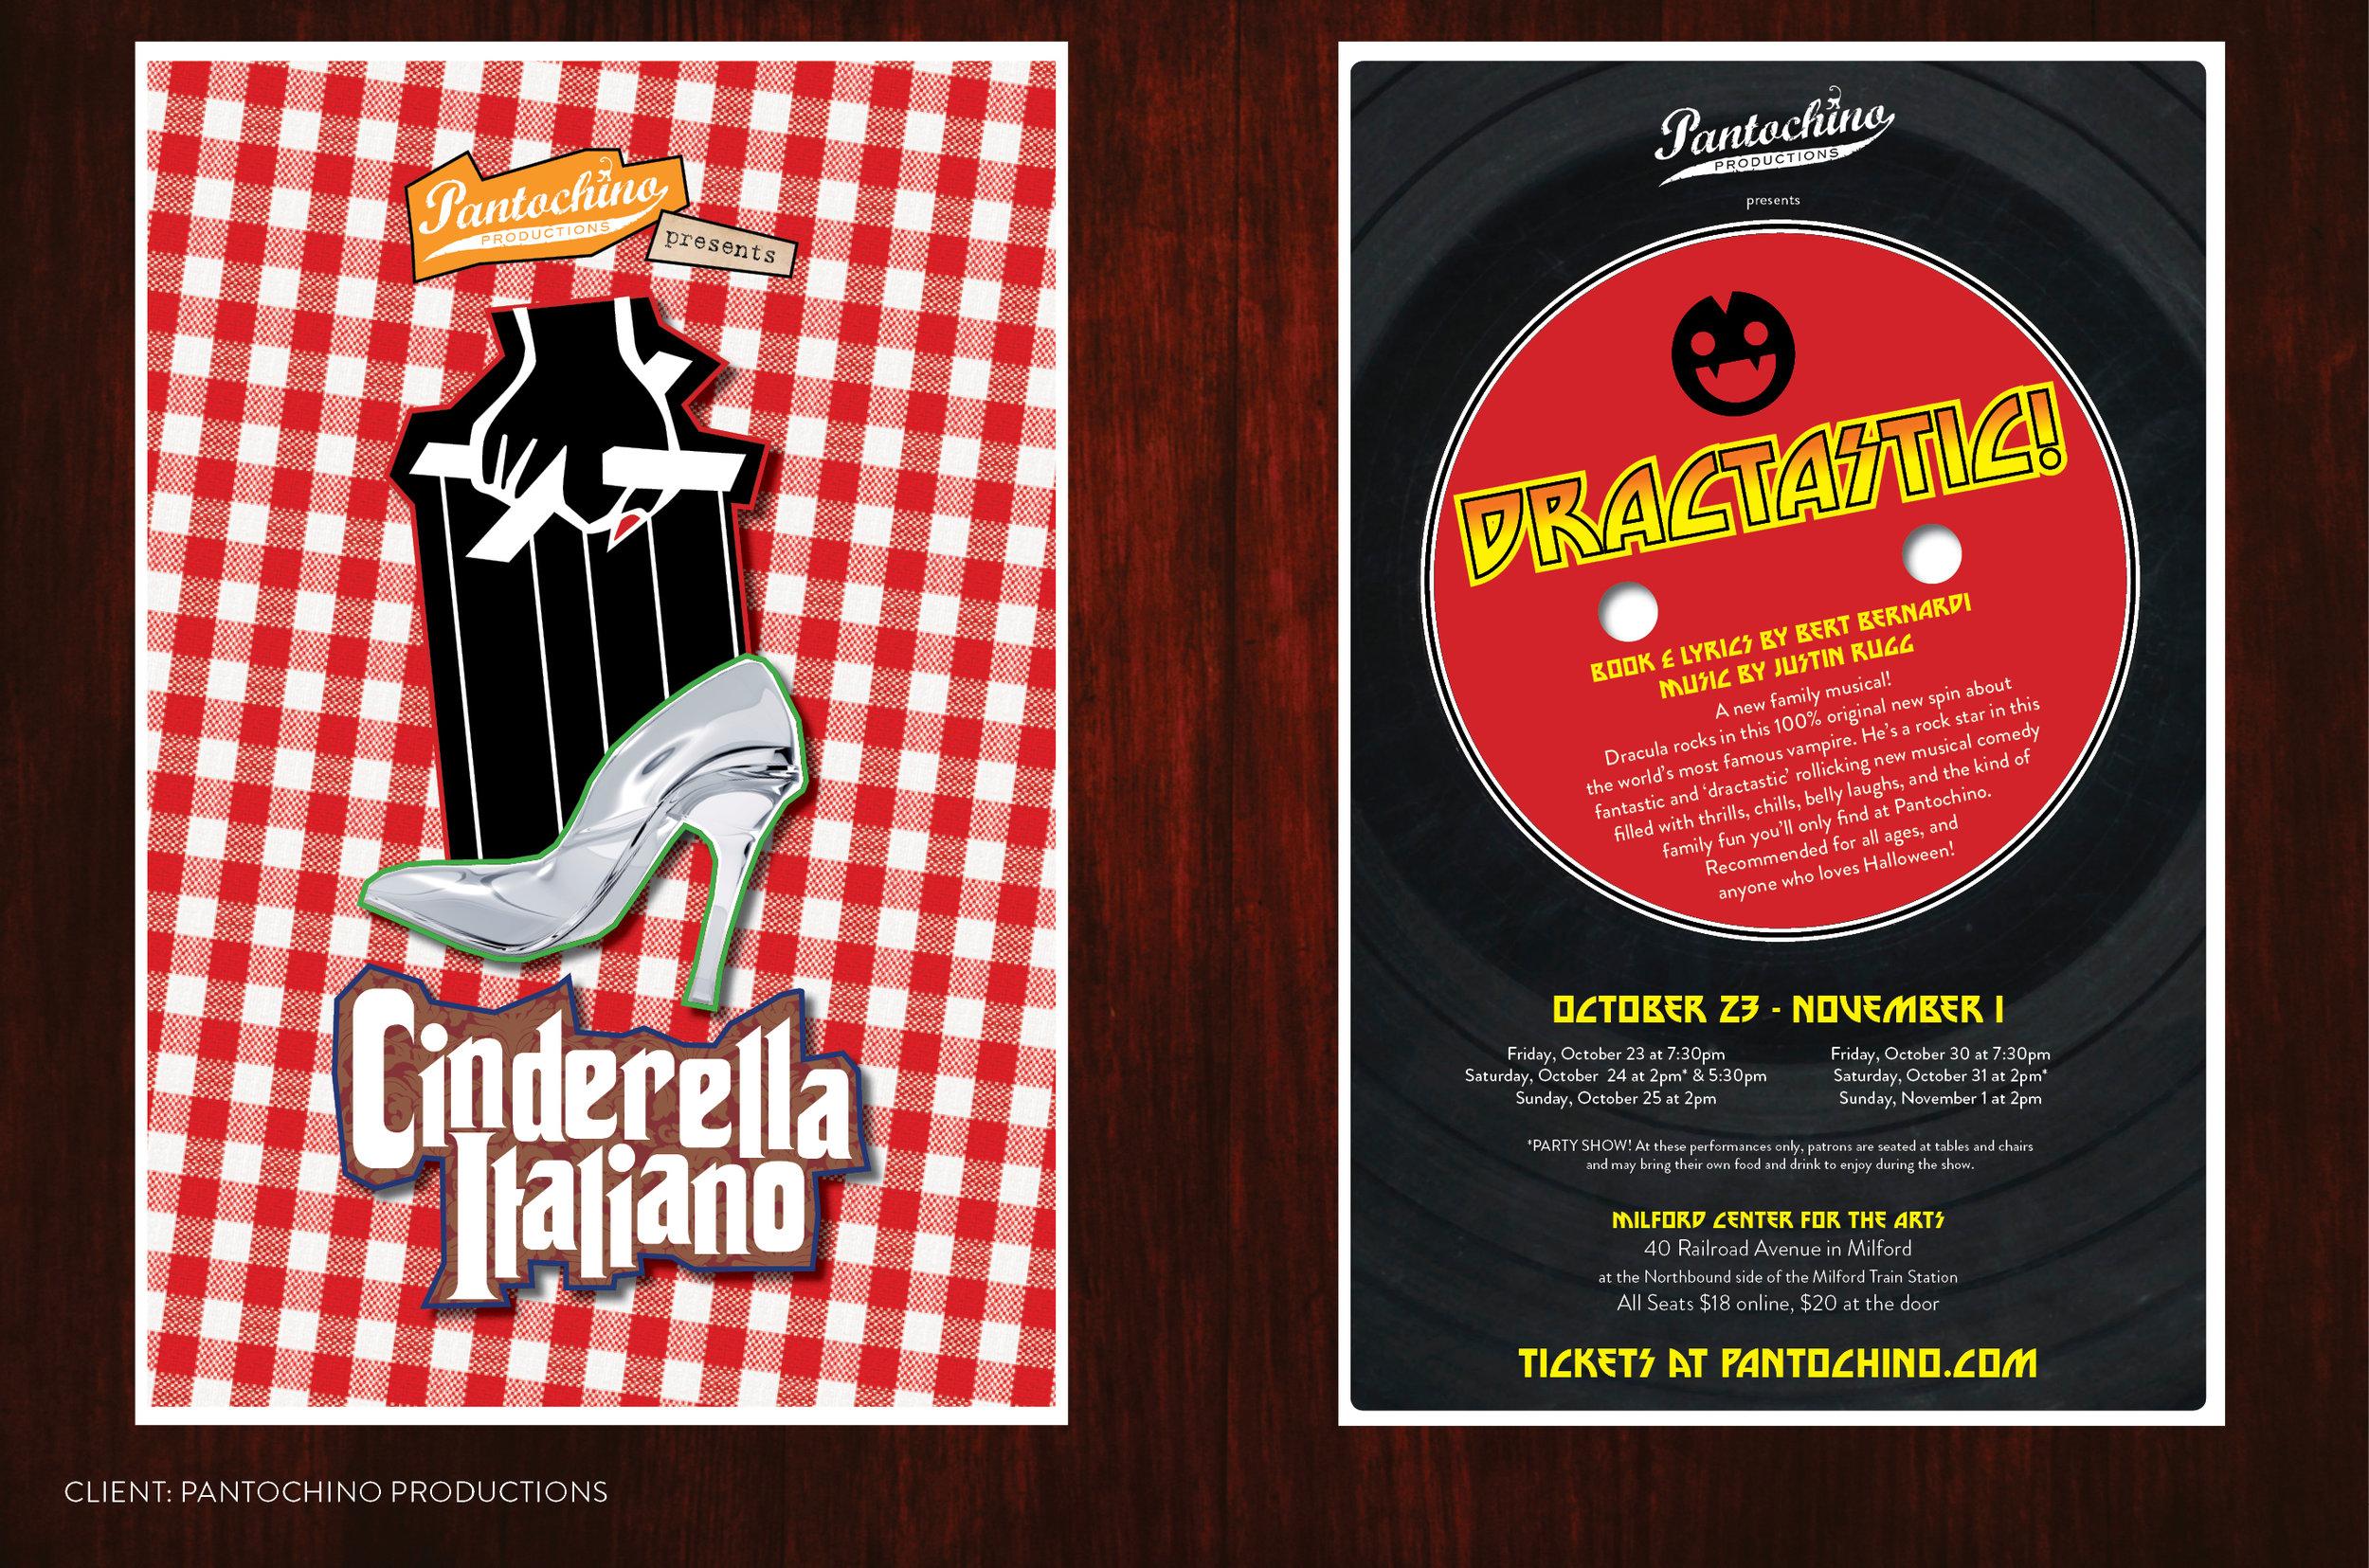 JoeLandry_Poster_Portfolio_Nov1612.jpg